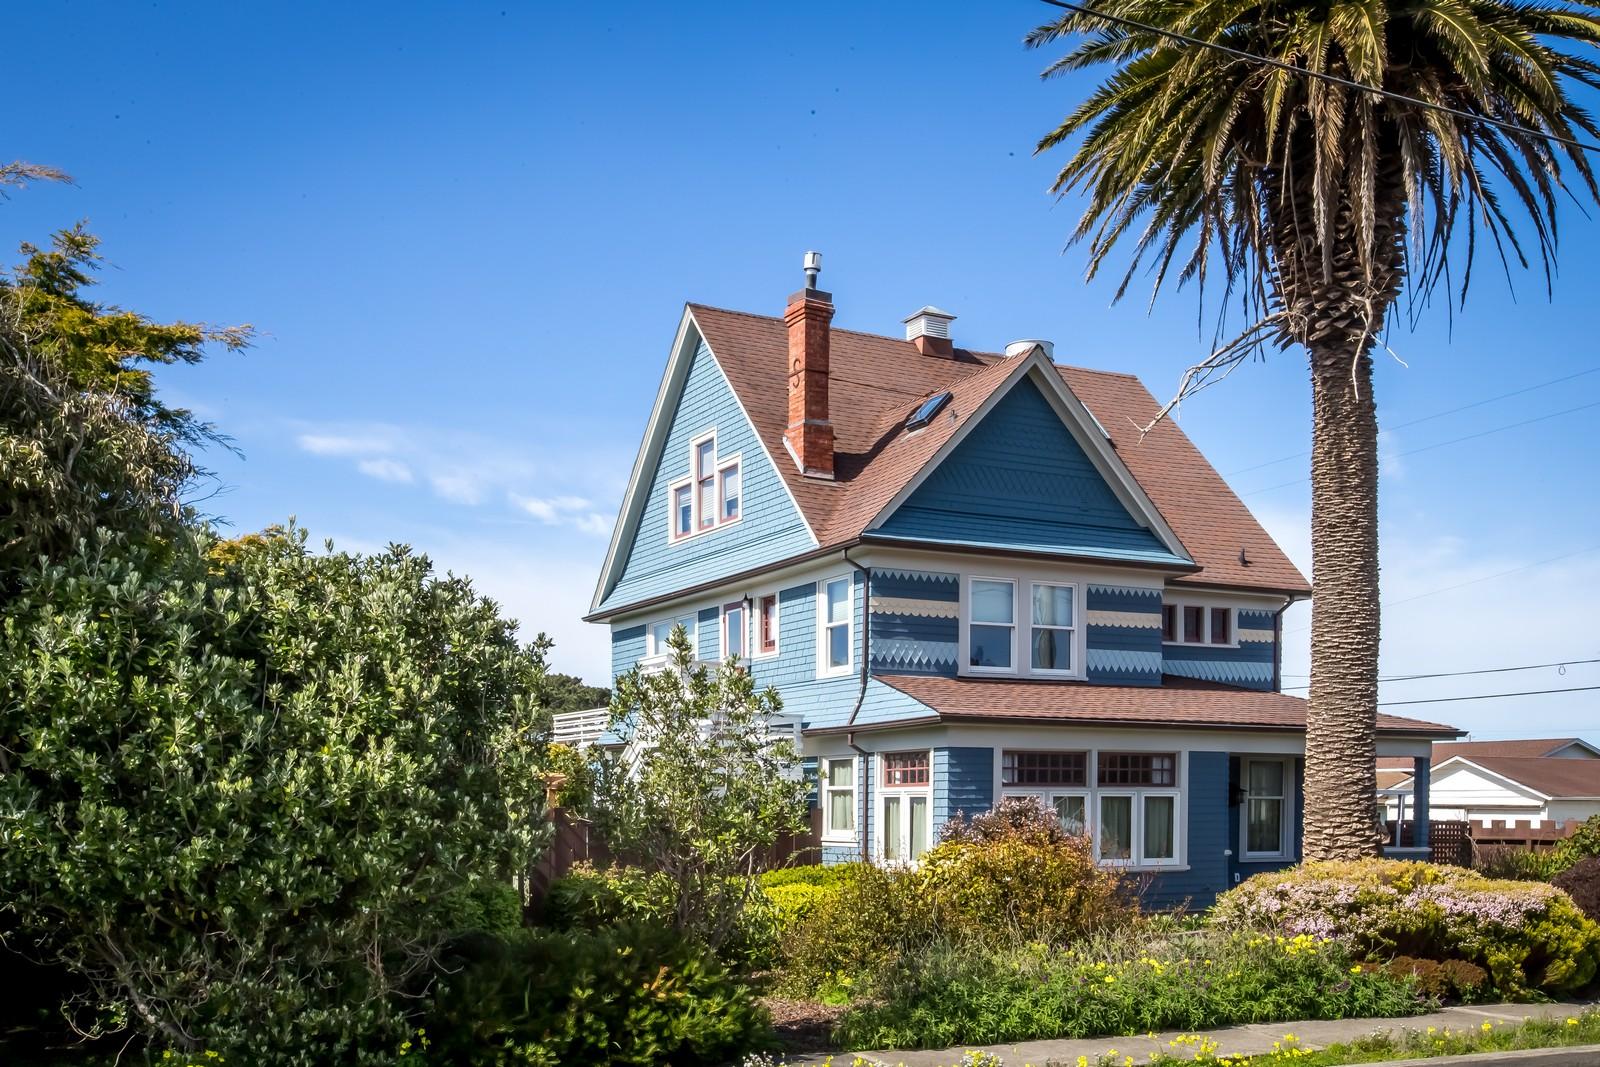 Einfamilienhaus für Verkauf beim Rohr Estate 561 Stewart Street Fort Bragg, Kalifornien 95437 Vereinigte Staaten